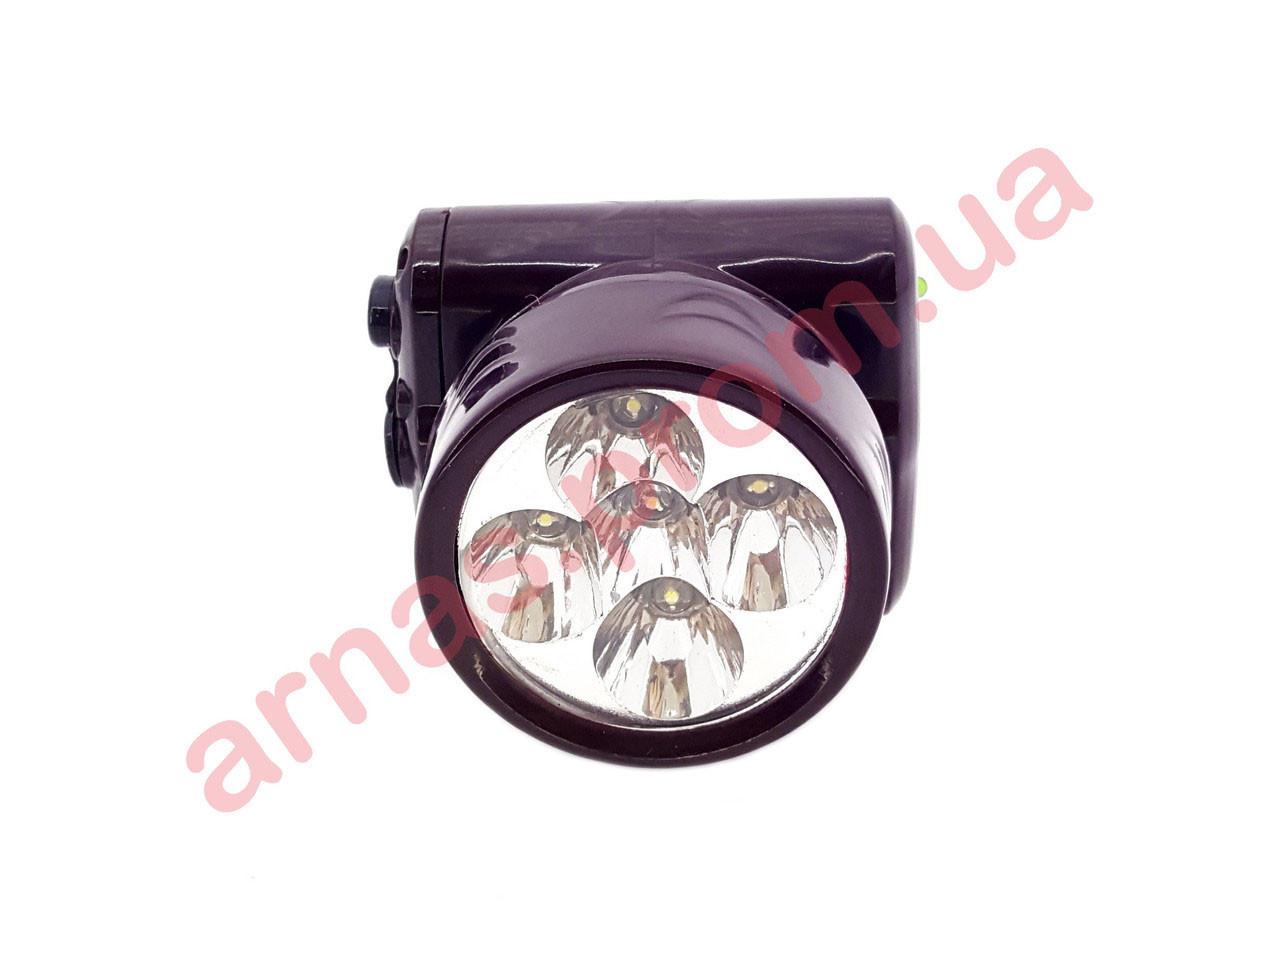 Аккумуляторный налобный фонарь Yajia YJ-1829-5